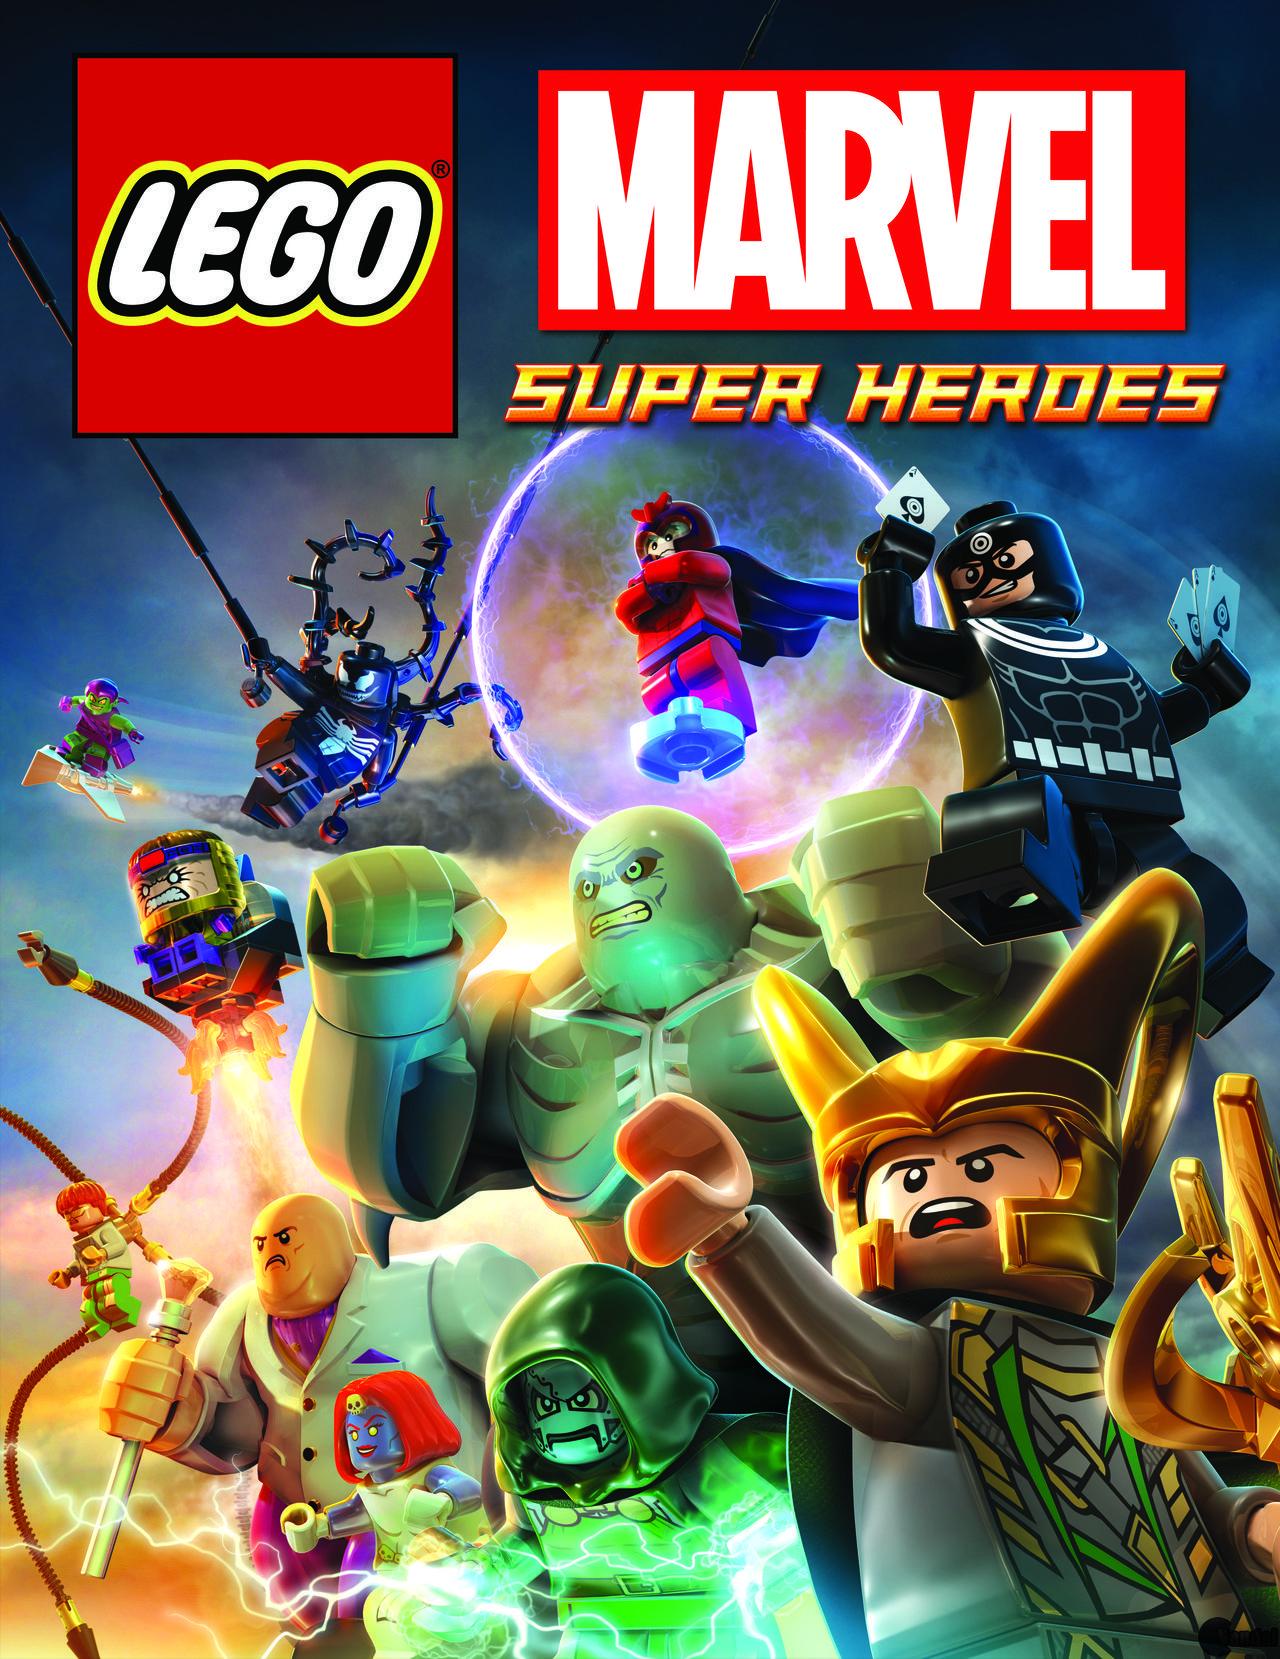 M O D O K Protagoniza Las Nuevas Imagenes De Lego Marvel Super